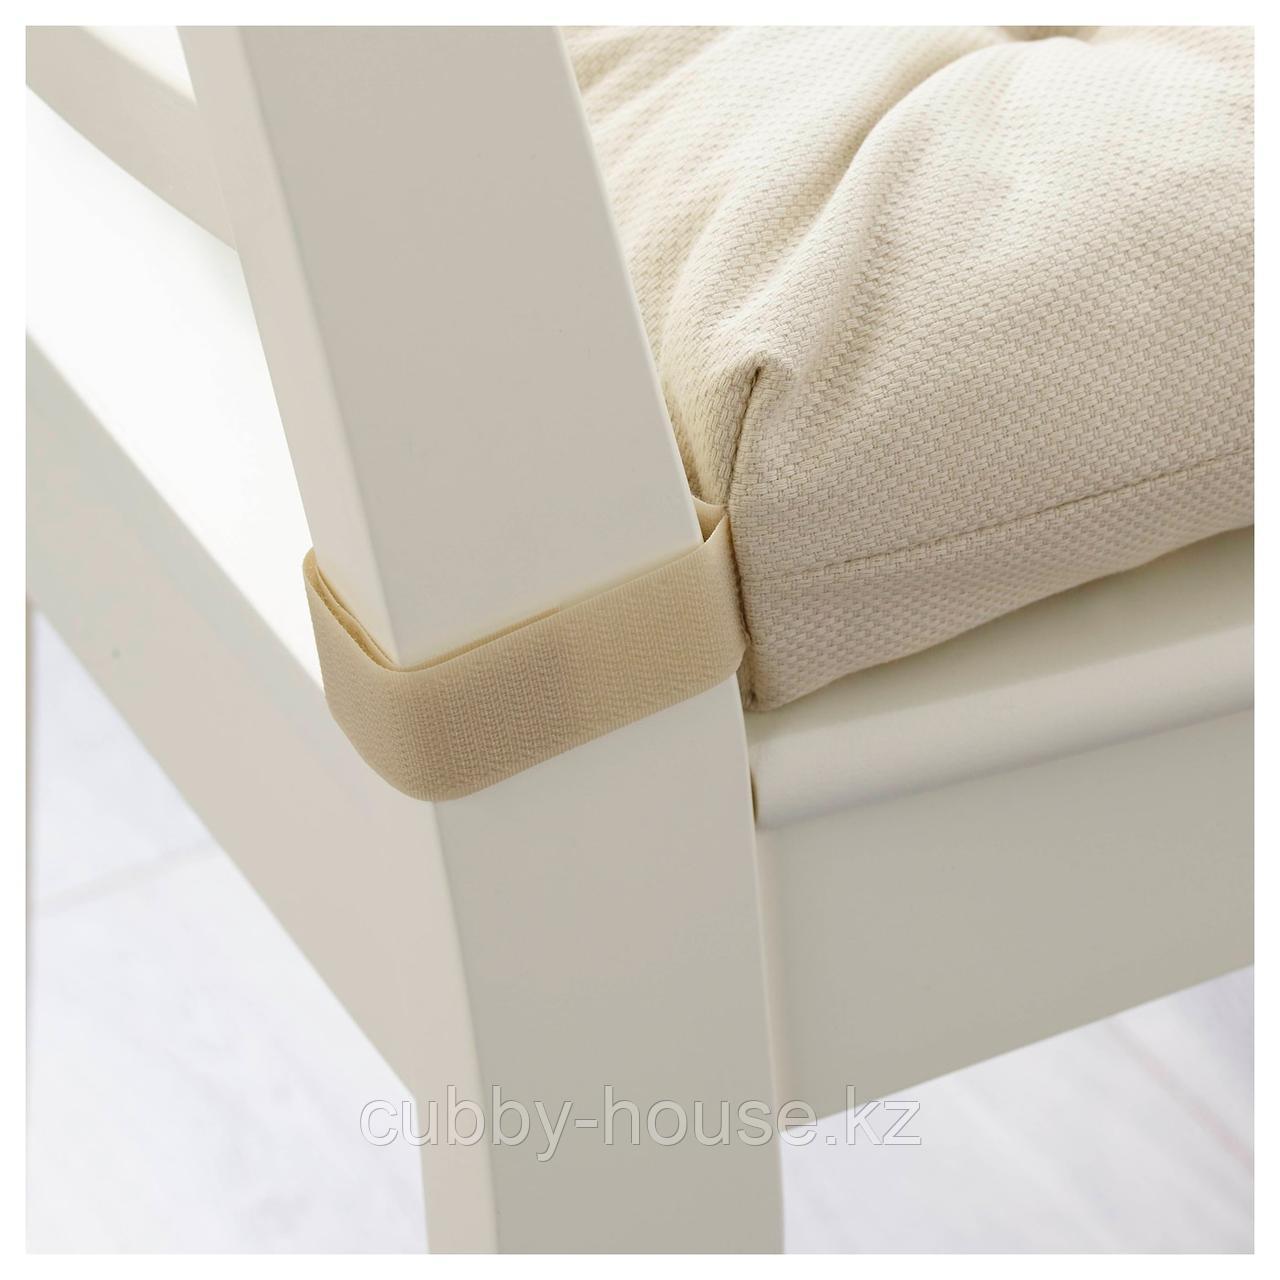 МАЛИНДА Подушка на стул, светло-бежевый, 40/35x38x7 см - фото 3